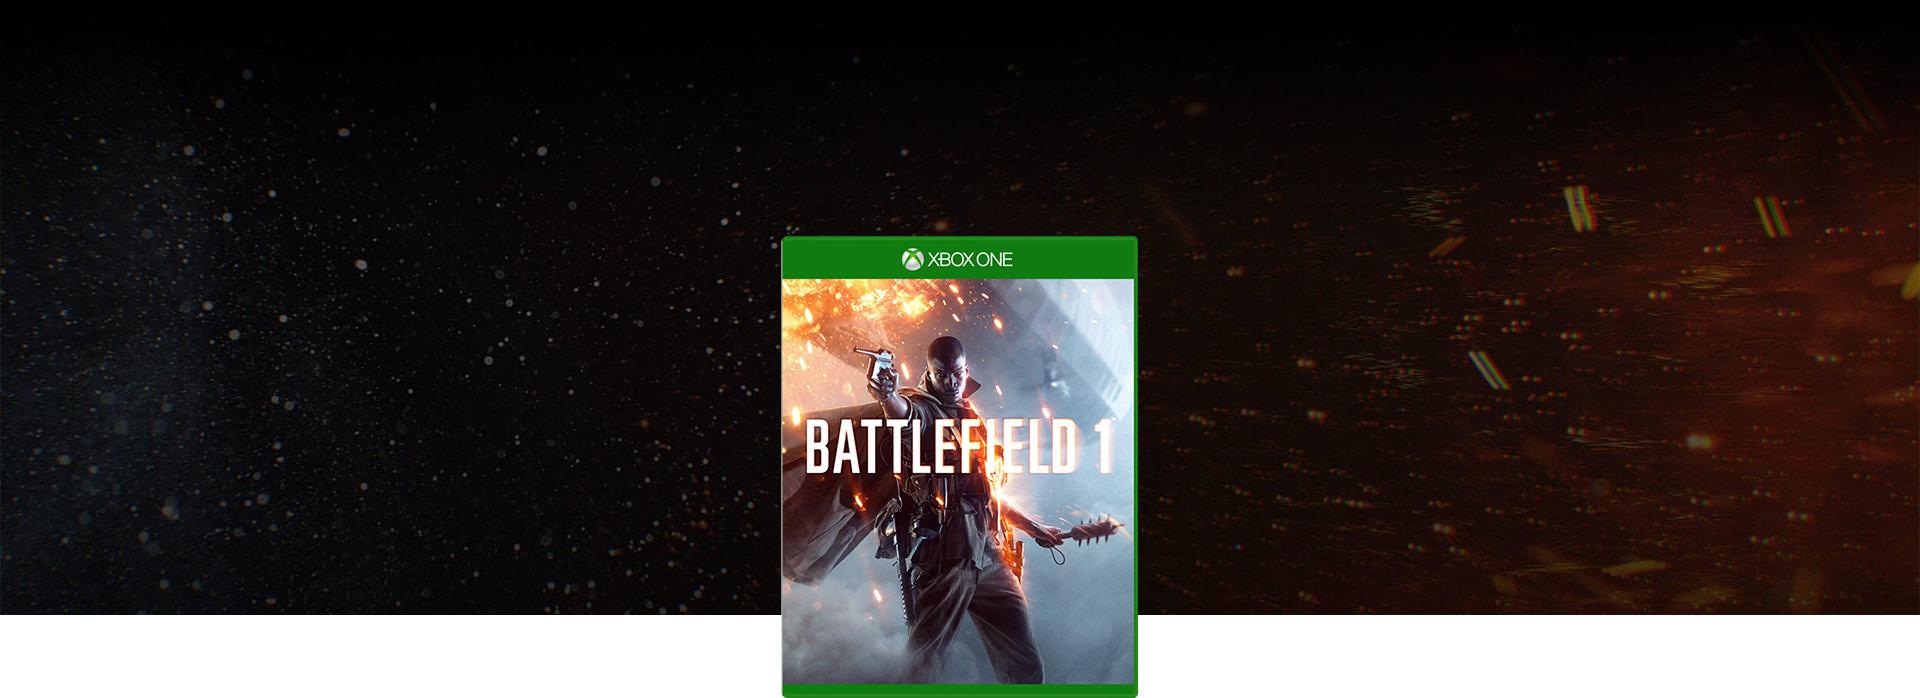 Immagine della confezione di Battlefield 1